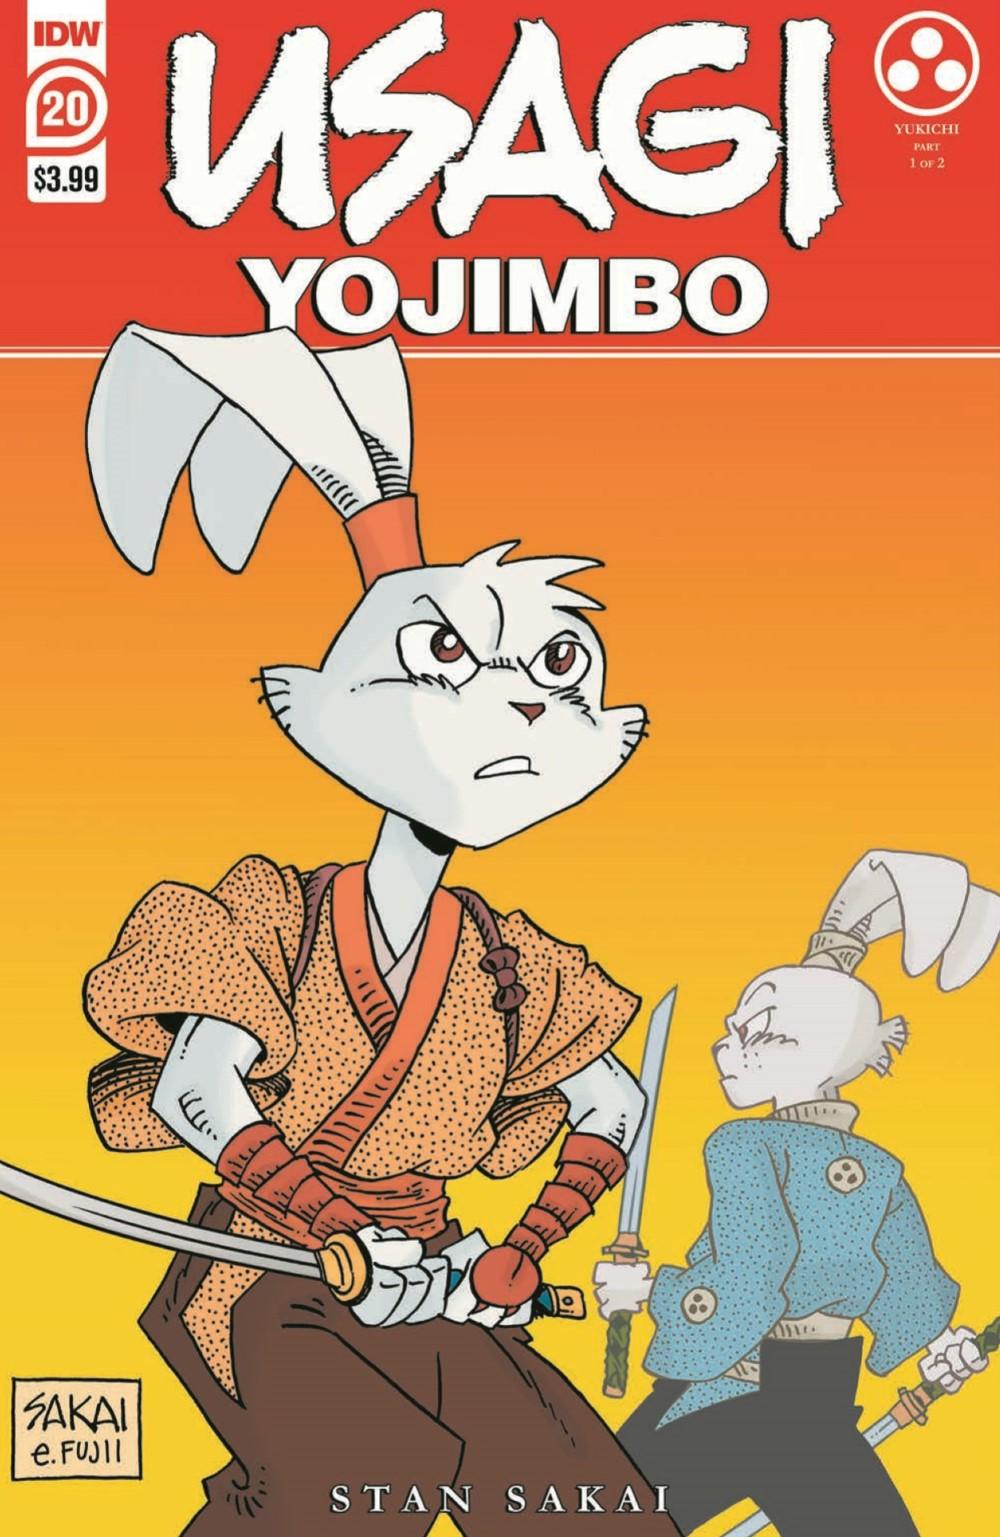 Usagi20_2nd_pr-1 ComicList Previews: USAGI YOJIMBO #20 (2ND PRINTING)